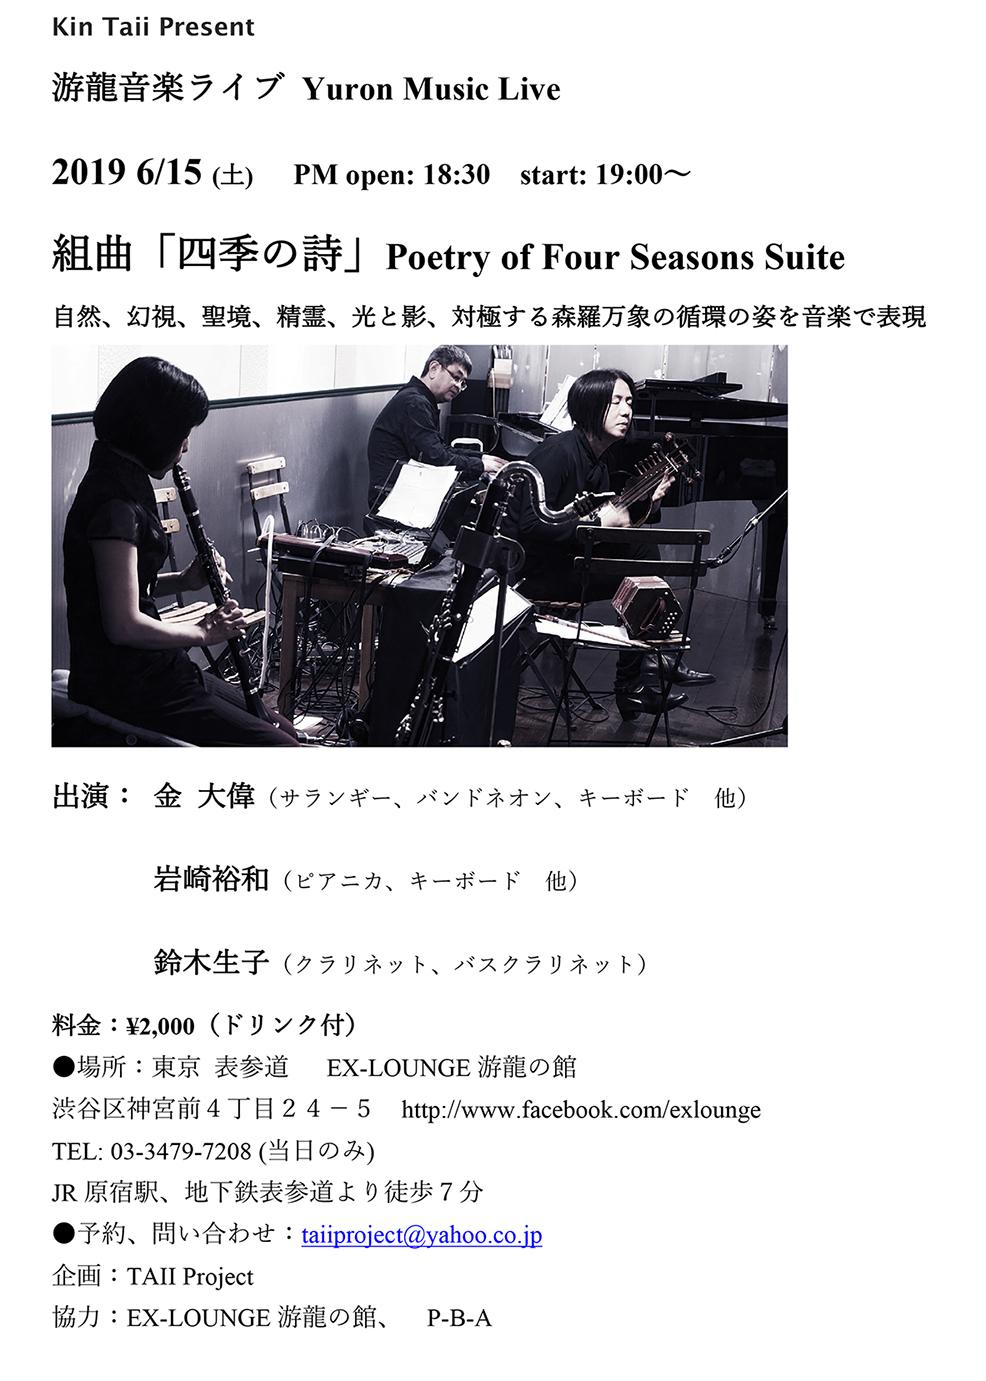 游龍音楽ライブ  組曲「四季の詩」